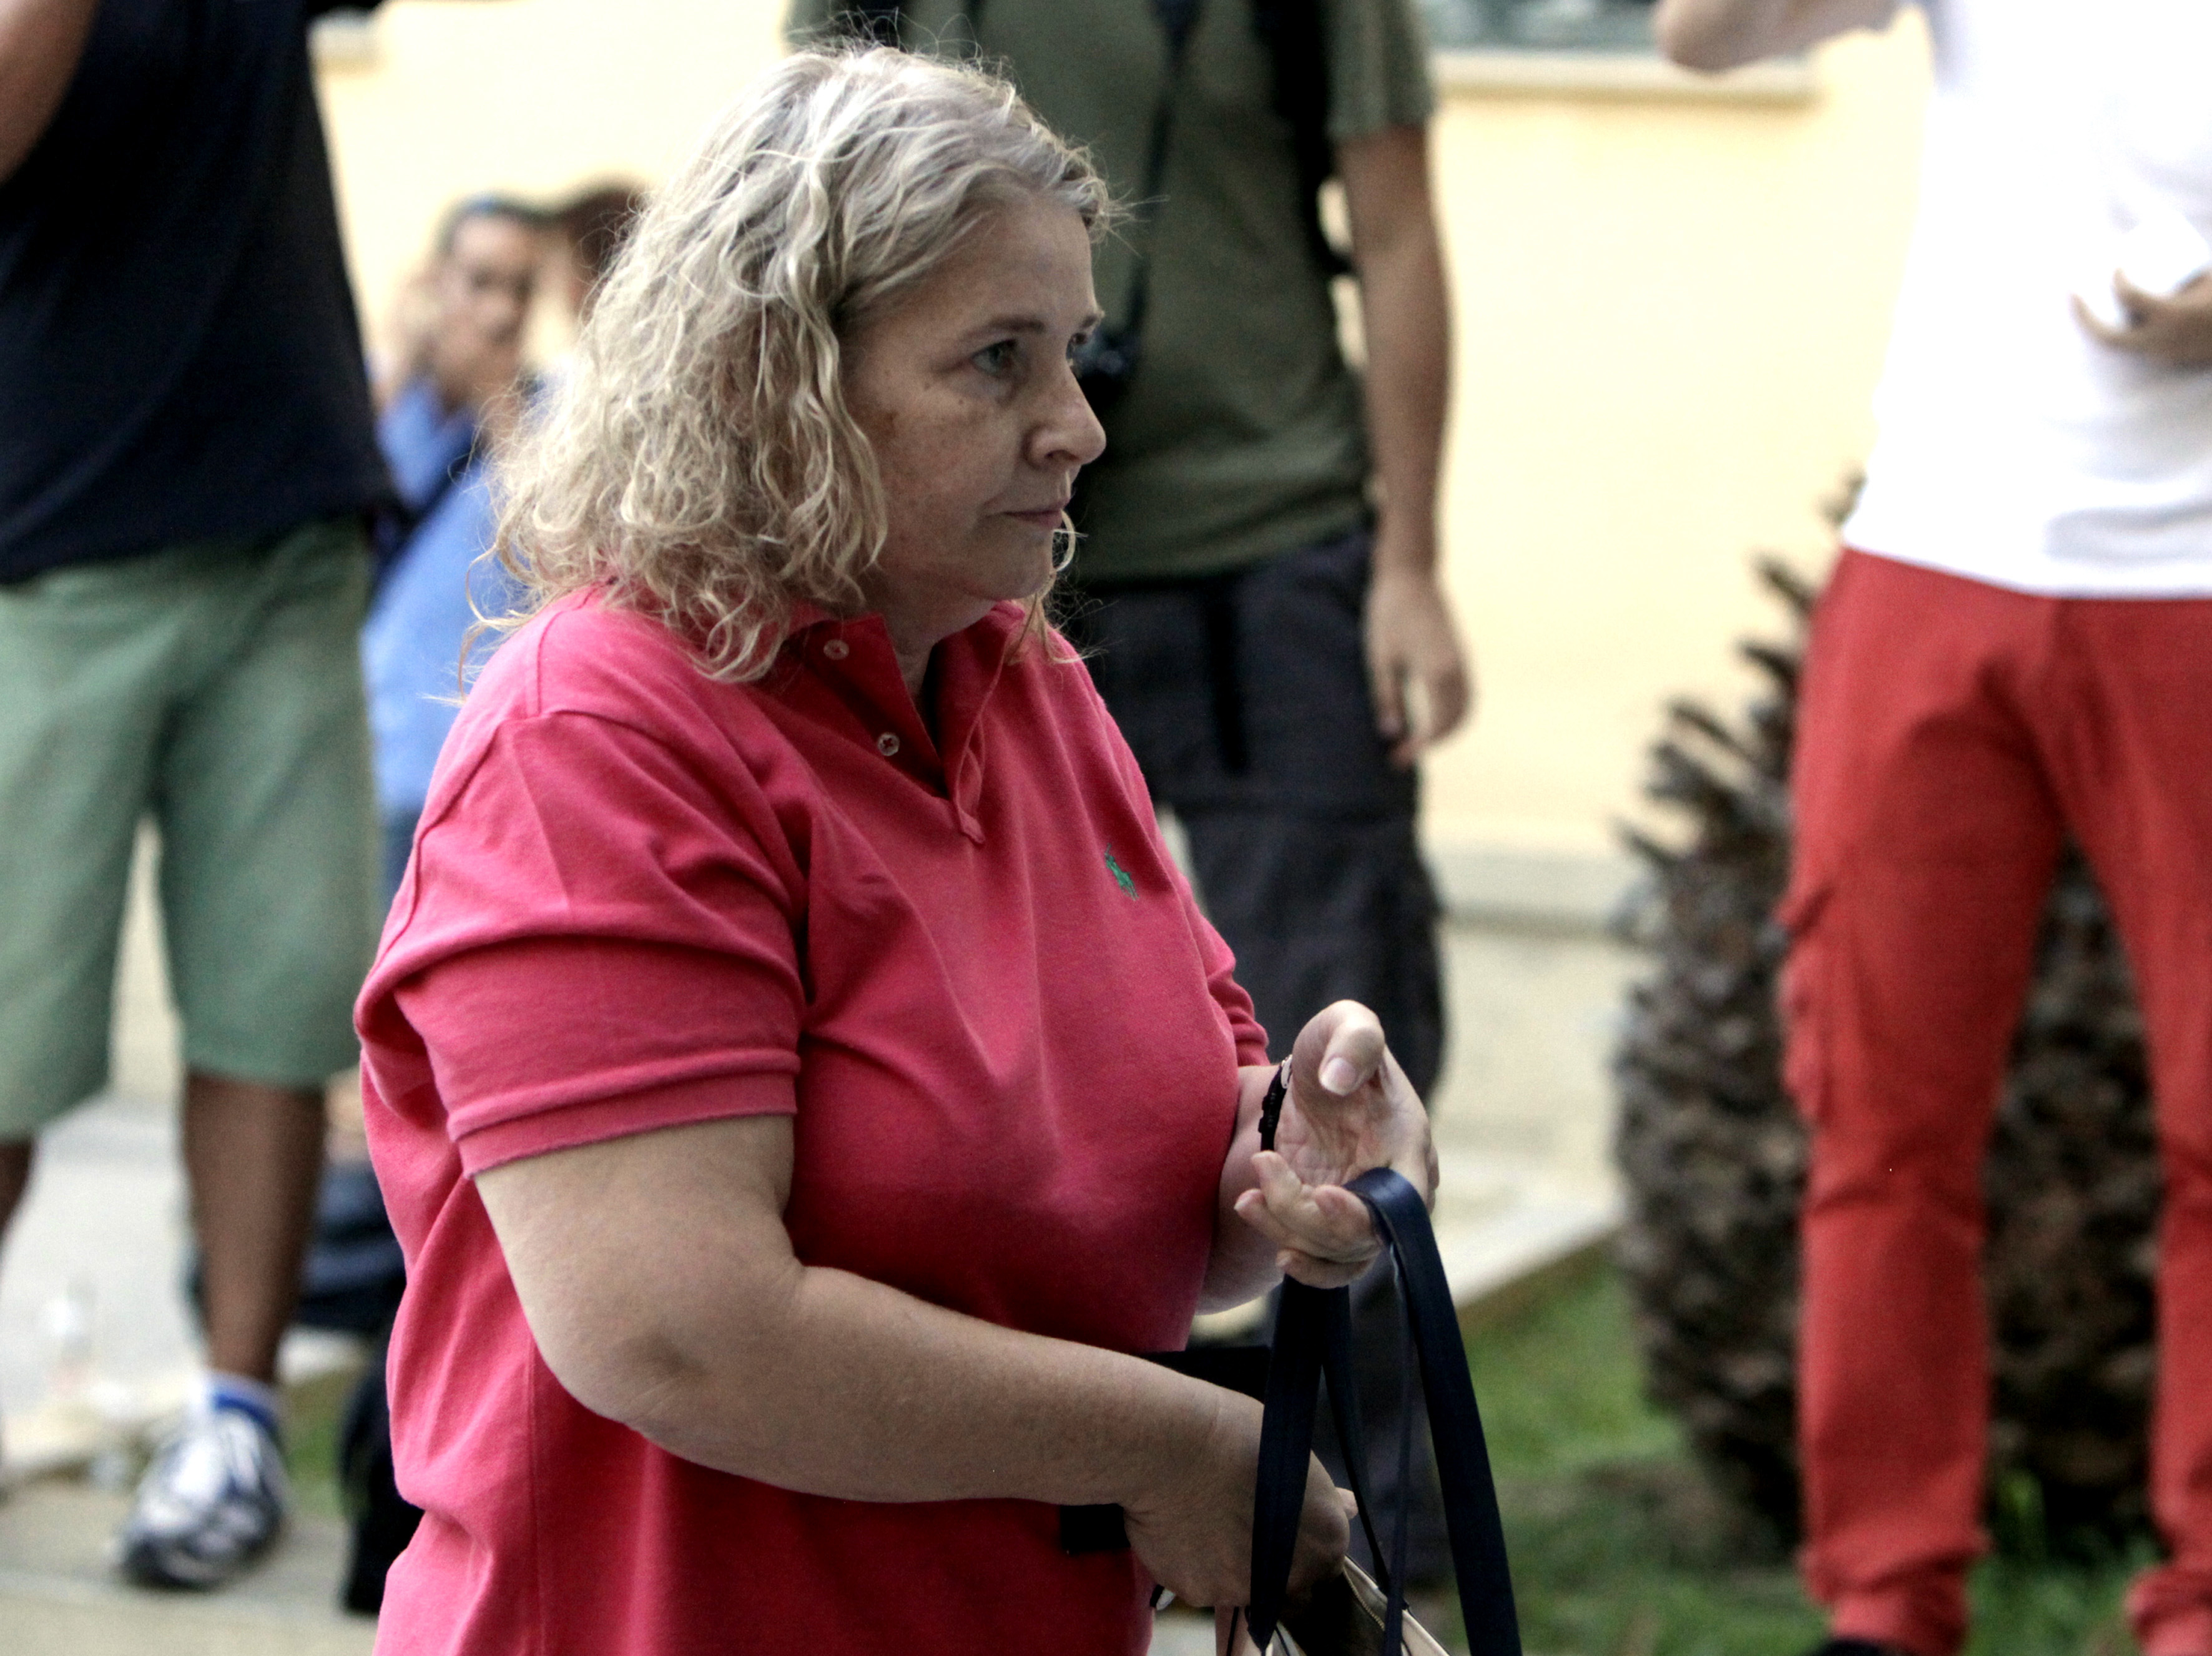 Εκλογές 2014: Η Ζαρούλια έδωσε γραμμή στους ψηφοφόρους της Χρυσής Αυγής